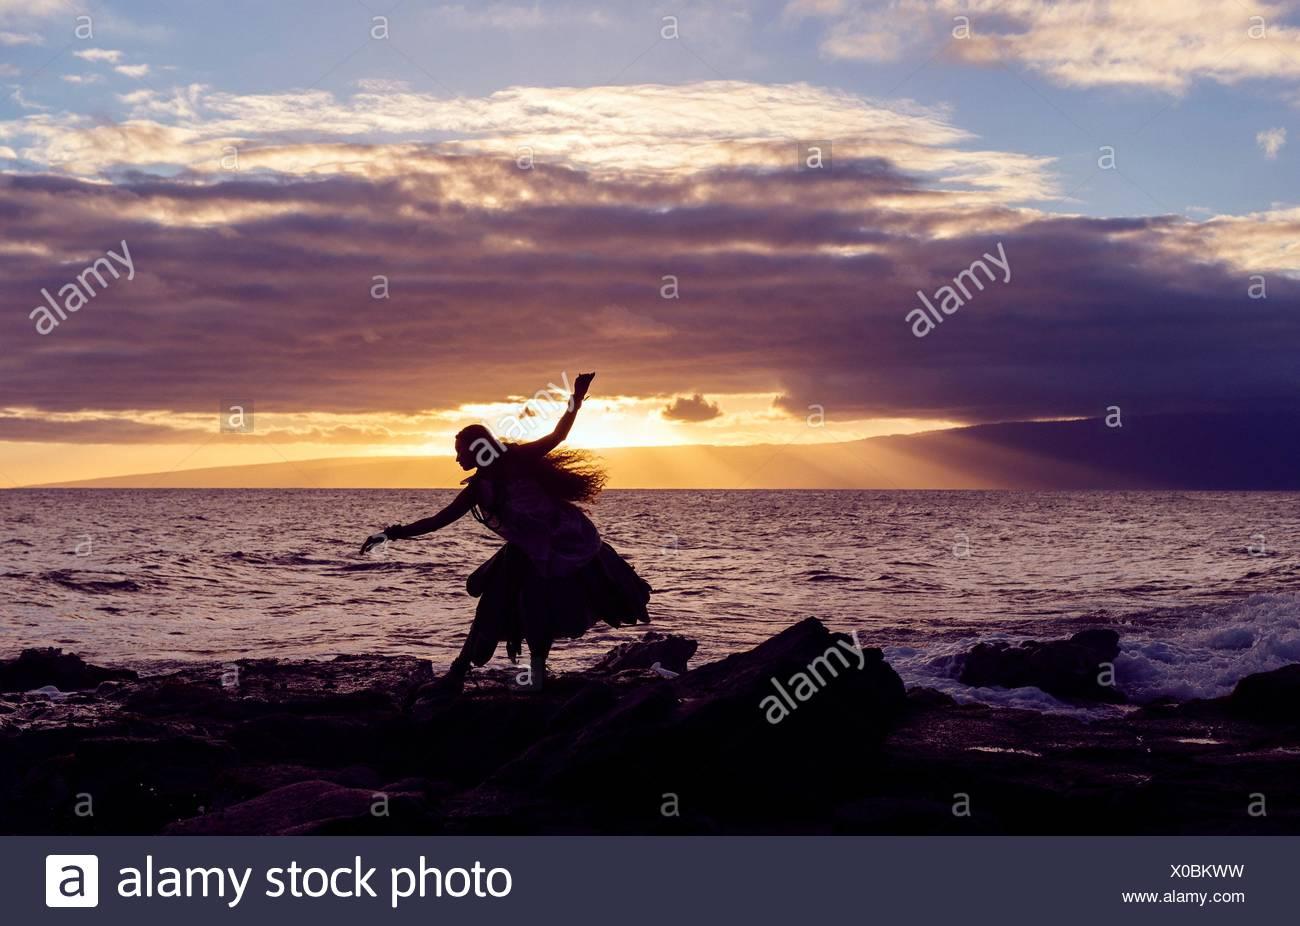 Silhouette Frau Hula tanzen auf Küstenfelsen tragen Tracht bei Sonnenuntergang, Maui, Hawaii, USA Stockbild